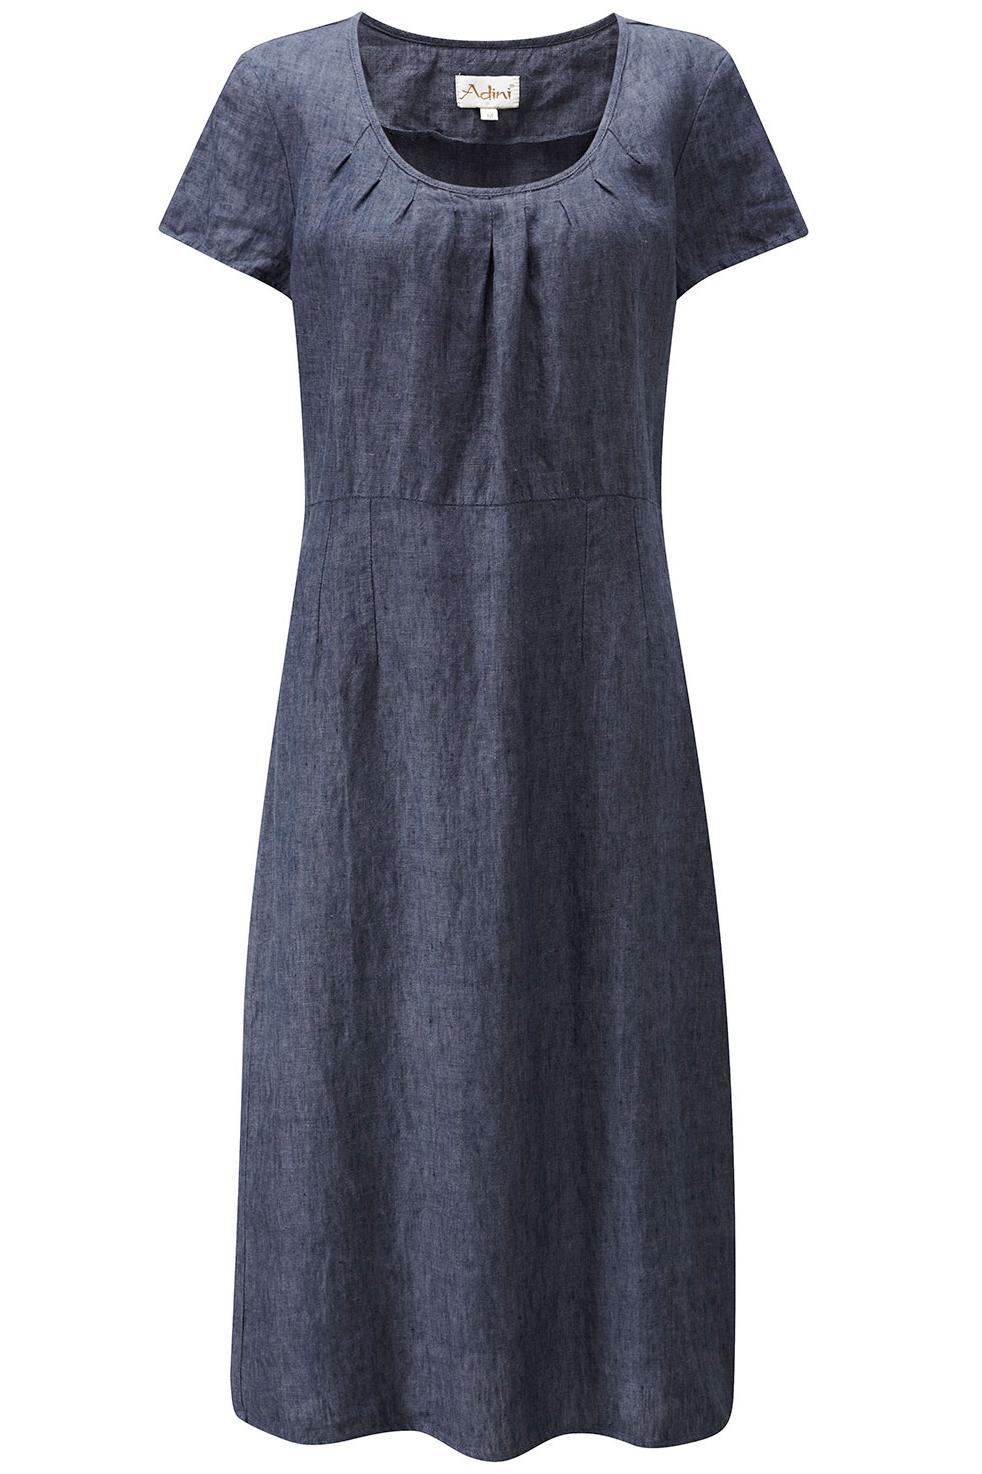 bb4c6a30f91 Льняные платья 1 · Льняные платья 2 · Льняные платья 3